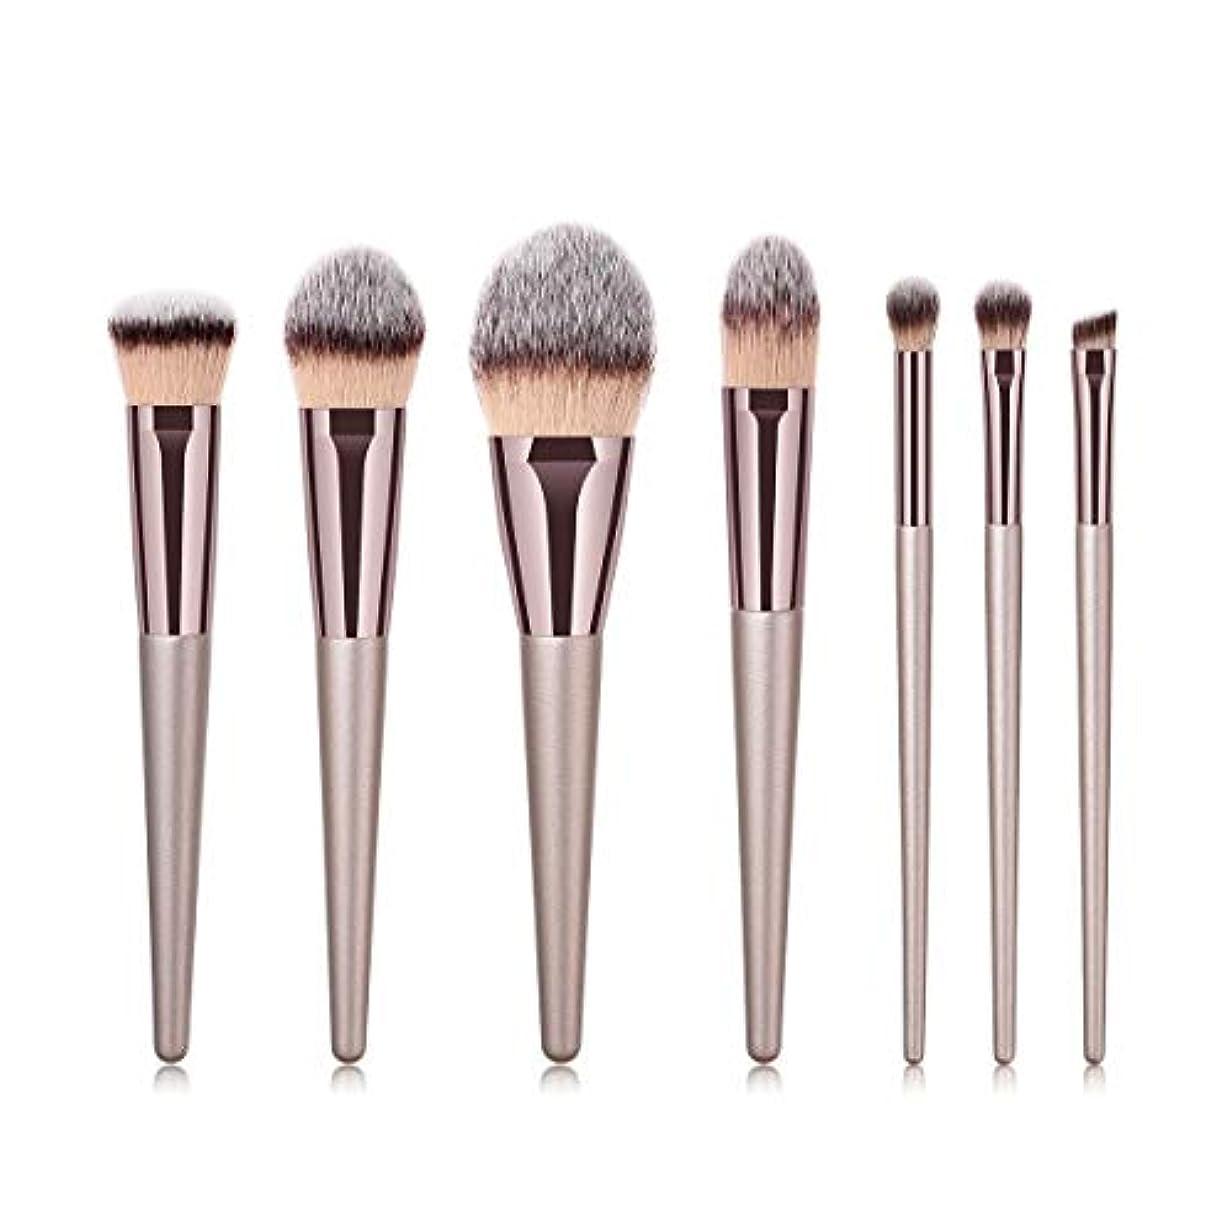 勘違いする肥沃な物理Makeup brushes 7化粧ブラシファンデーションブラシパウダーブラッシュブラシアイシャドーブラシハイトグロスシルエットブラシセットブラシグレー suits (Color : Gray)